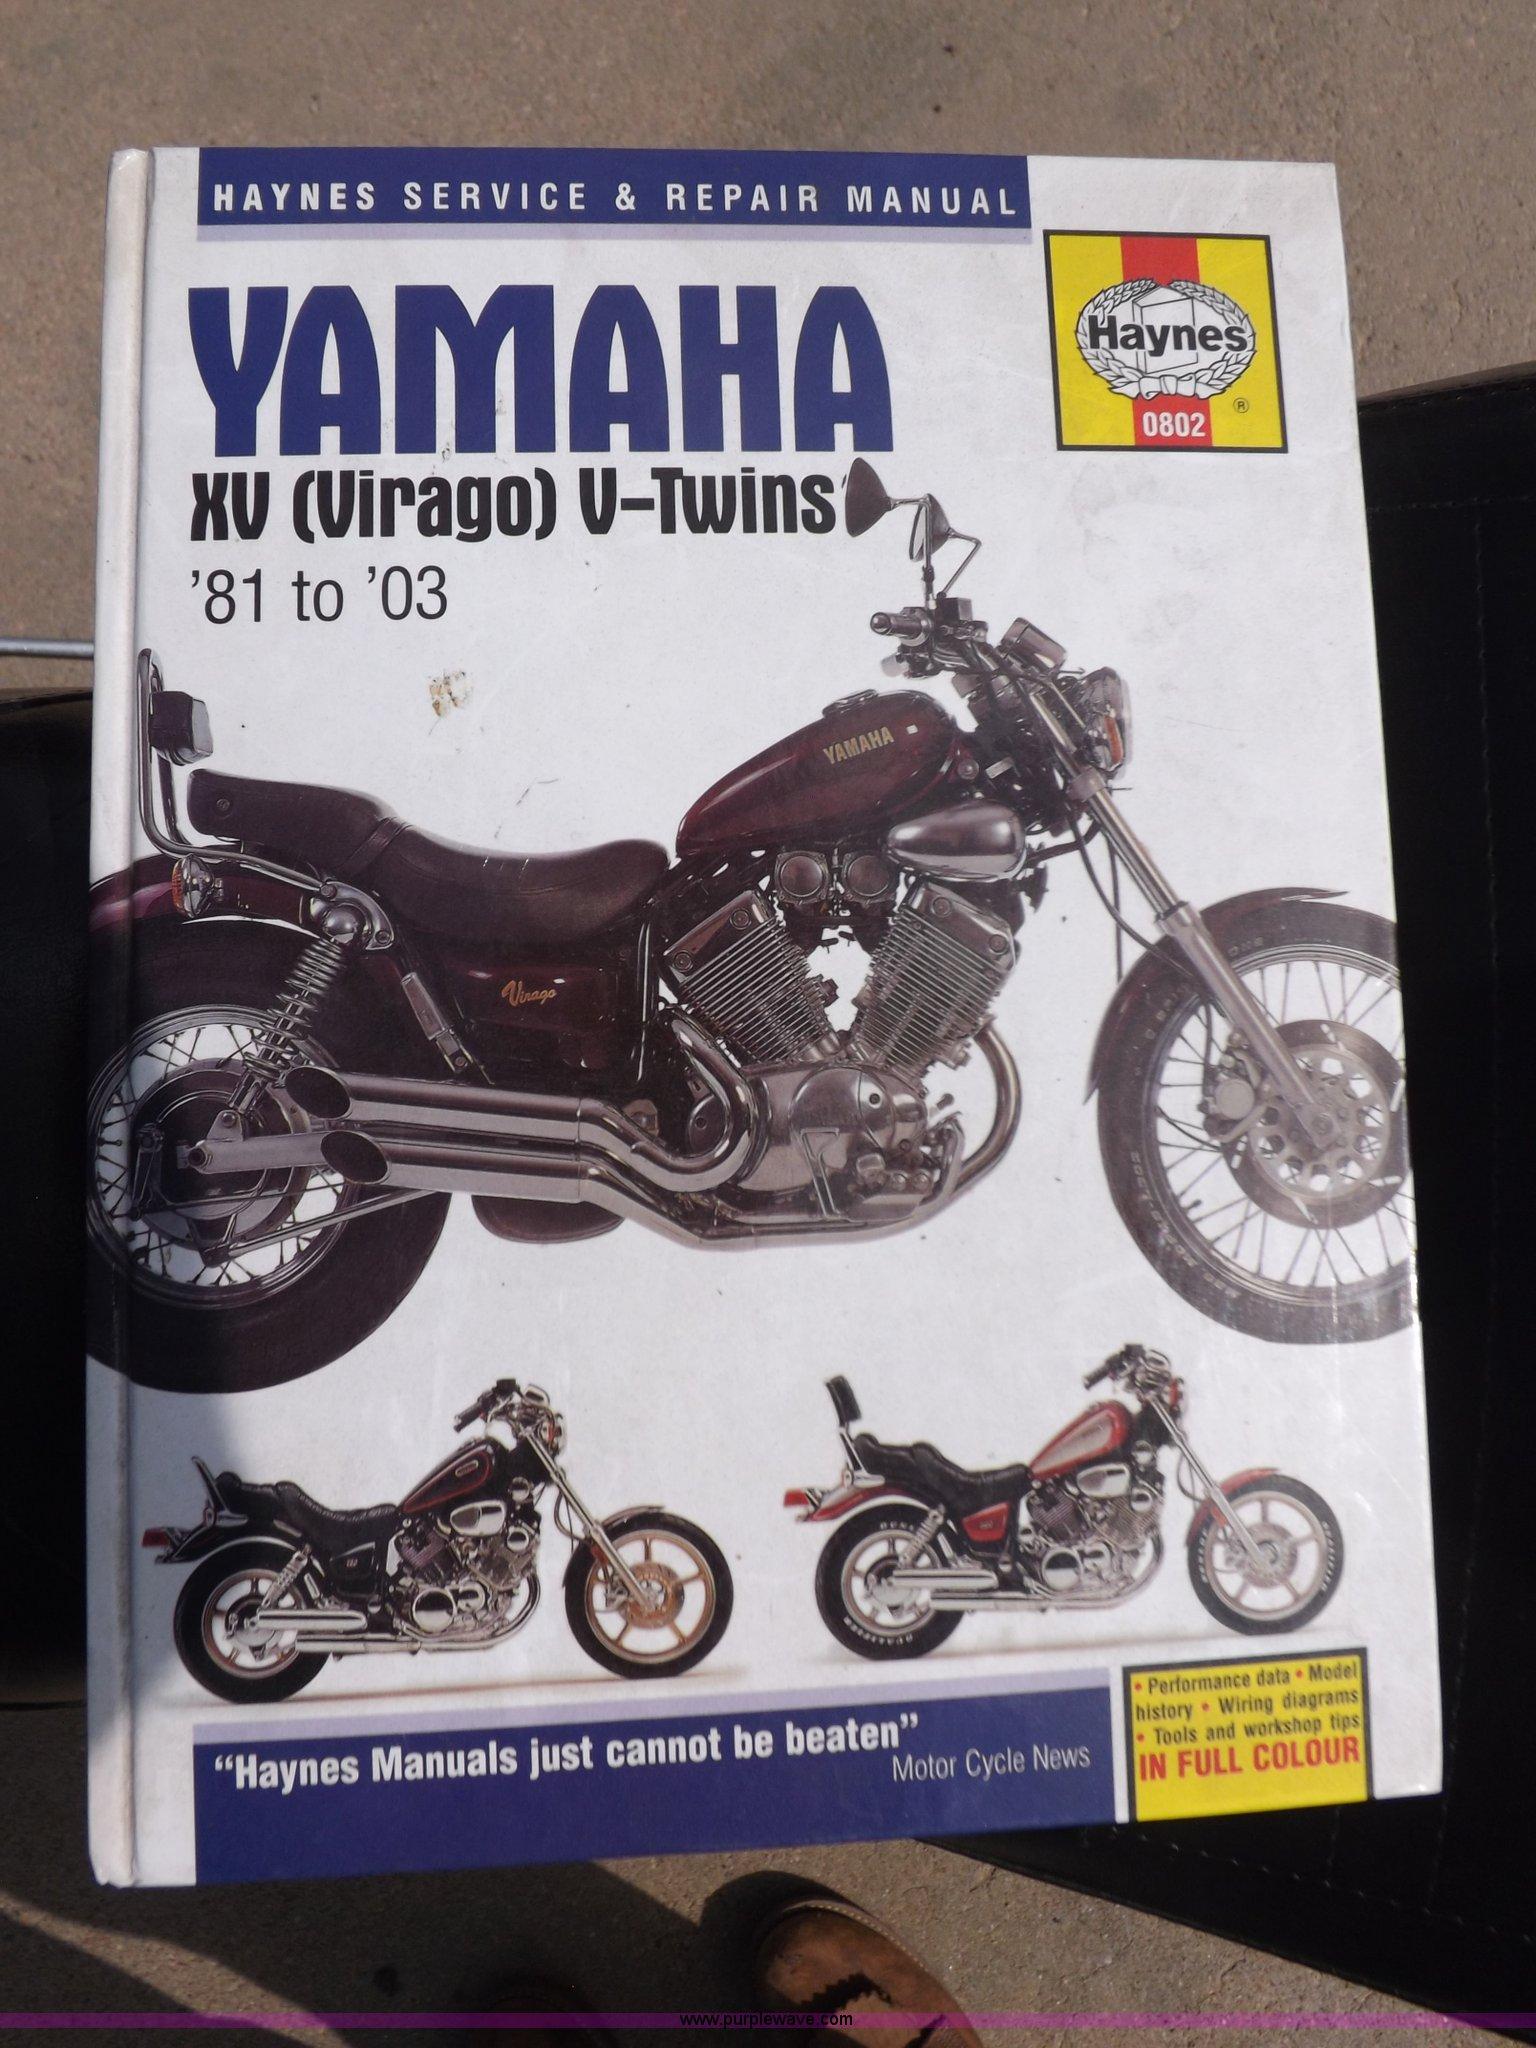 virago 920 wiring diagram 1982 yamaha virago xv920 motorcycle item j6882 9 9 2015  1982 yamaha virago xv920 motorcycle